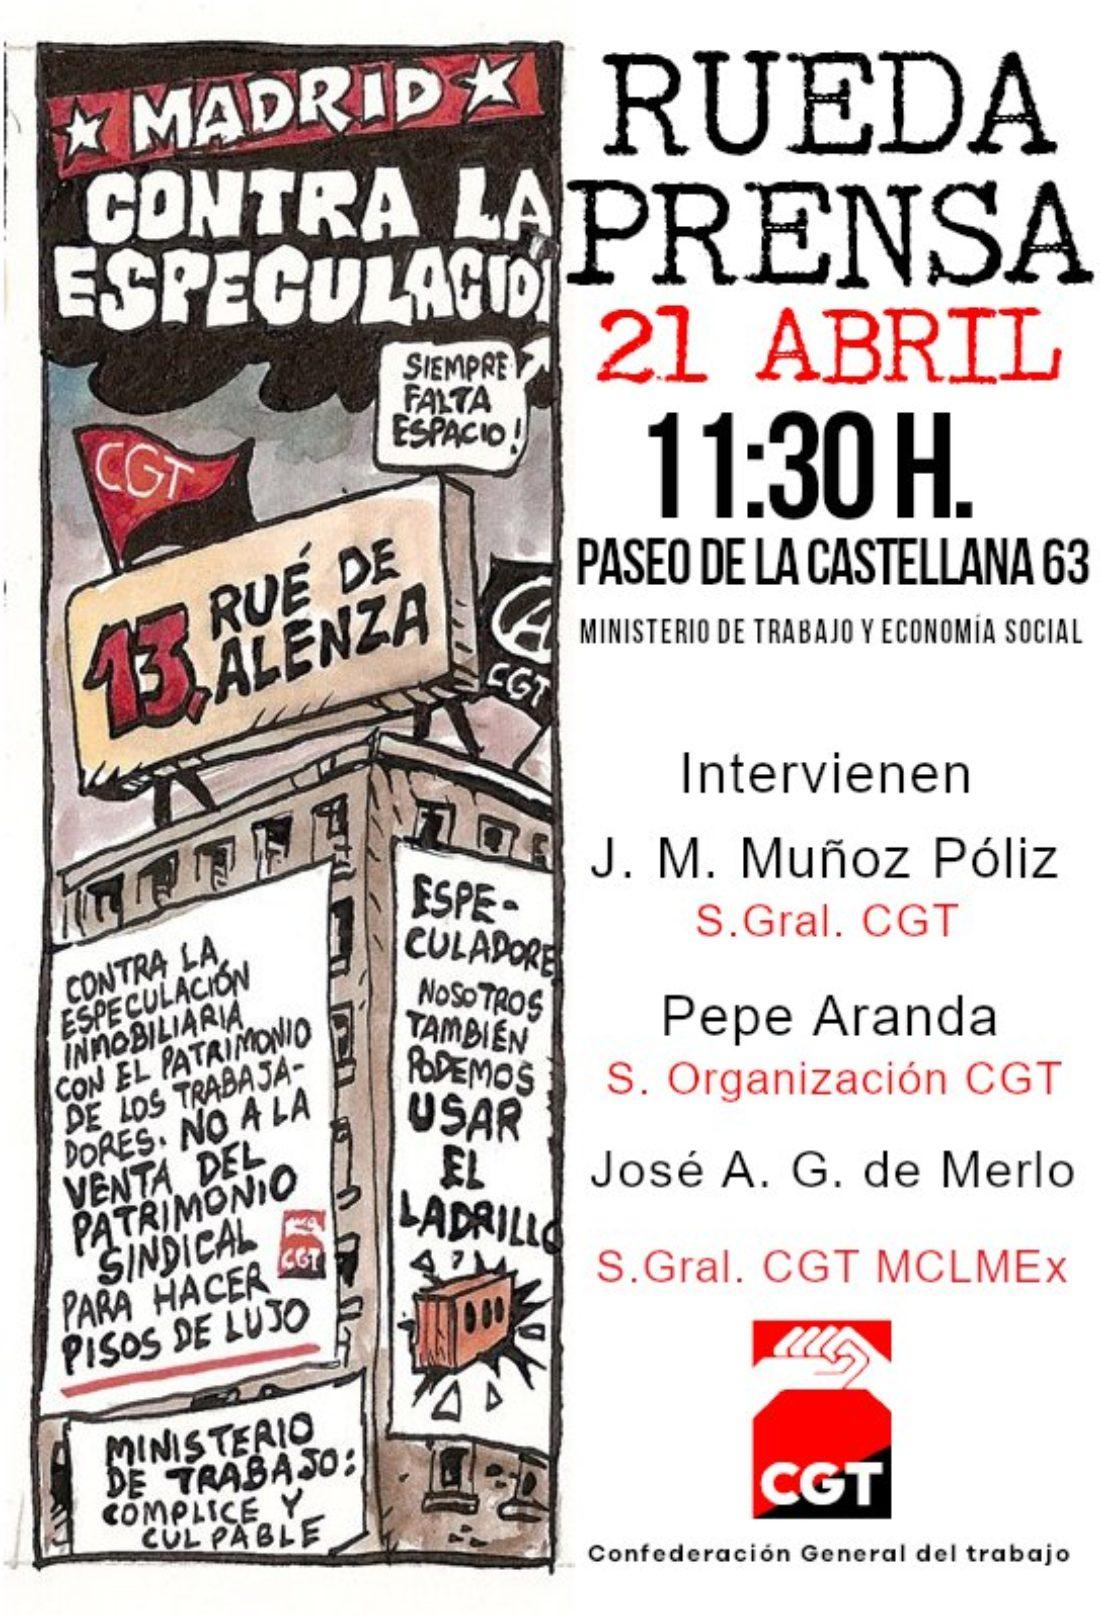 RUEDA DE PRENSA: CGT anuncia protestas contra el desahucio de su sede madrileña al que el Ministerio de Trabajo y Economía Social (Unidas Podemos) le obliga